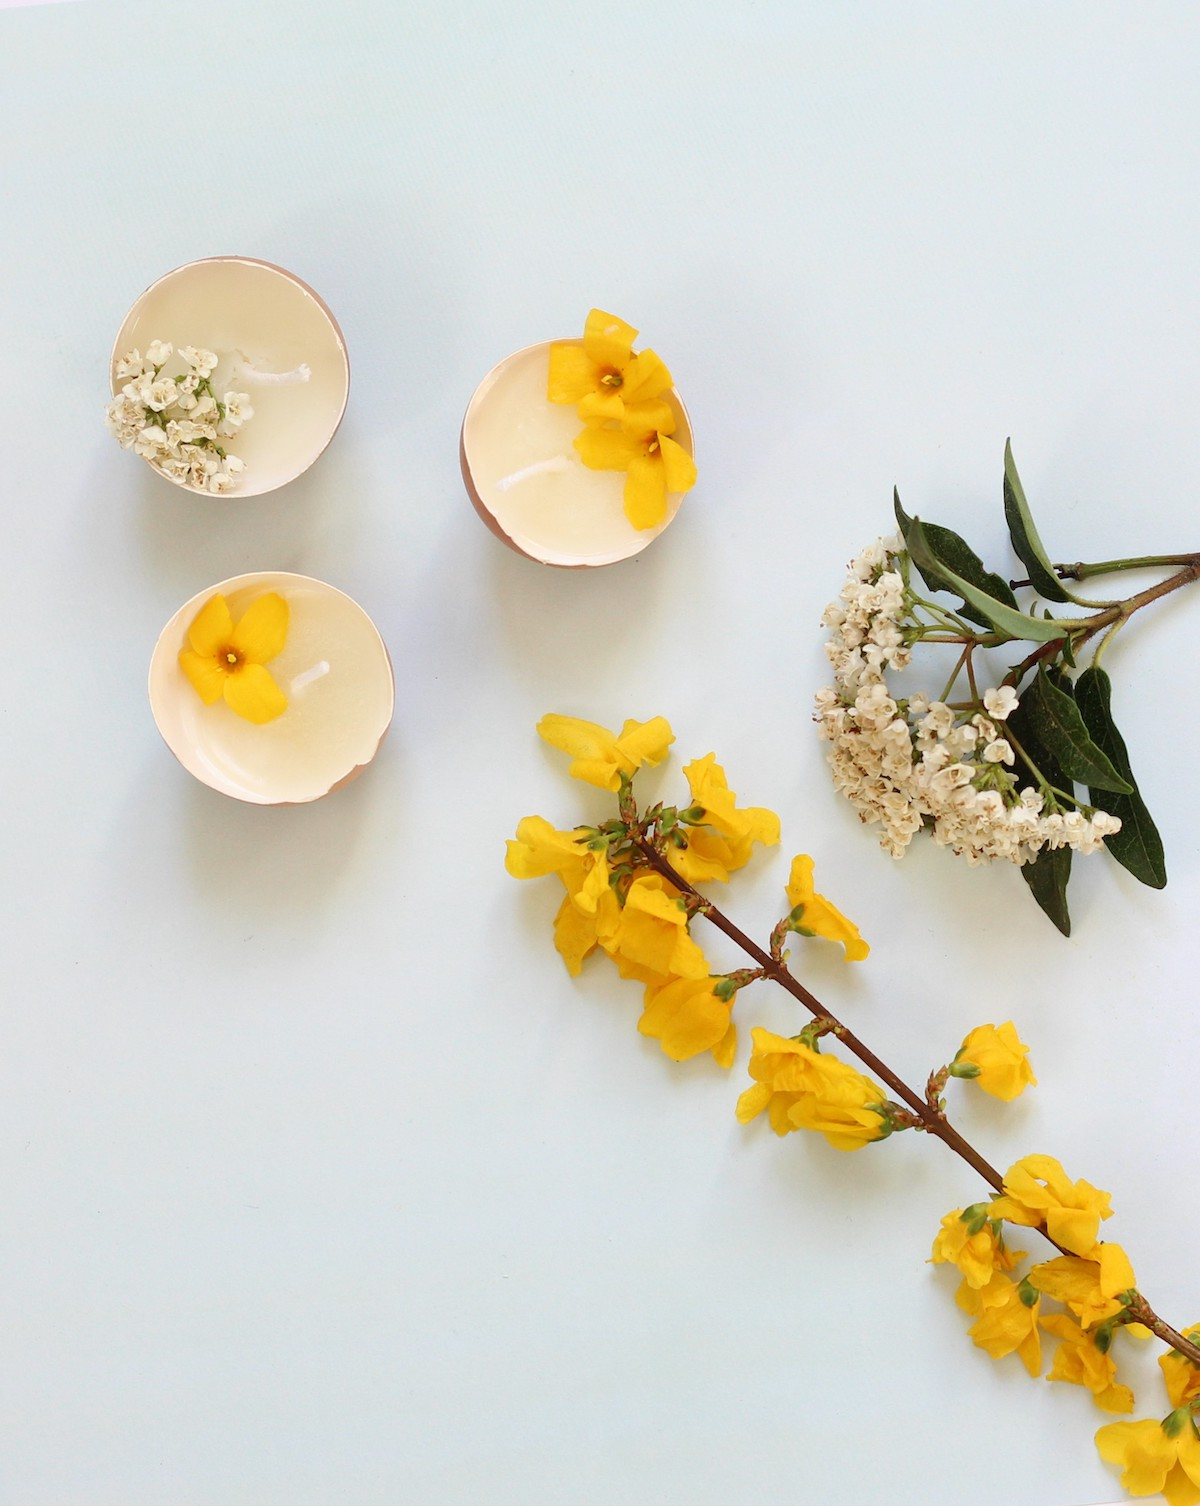 décoration de Printemps à faire soi-même bougie en fleur séchée - blog déco - clem around the corner